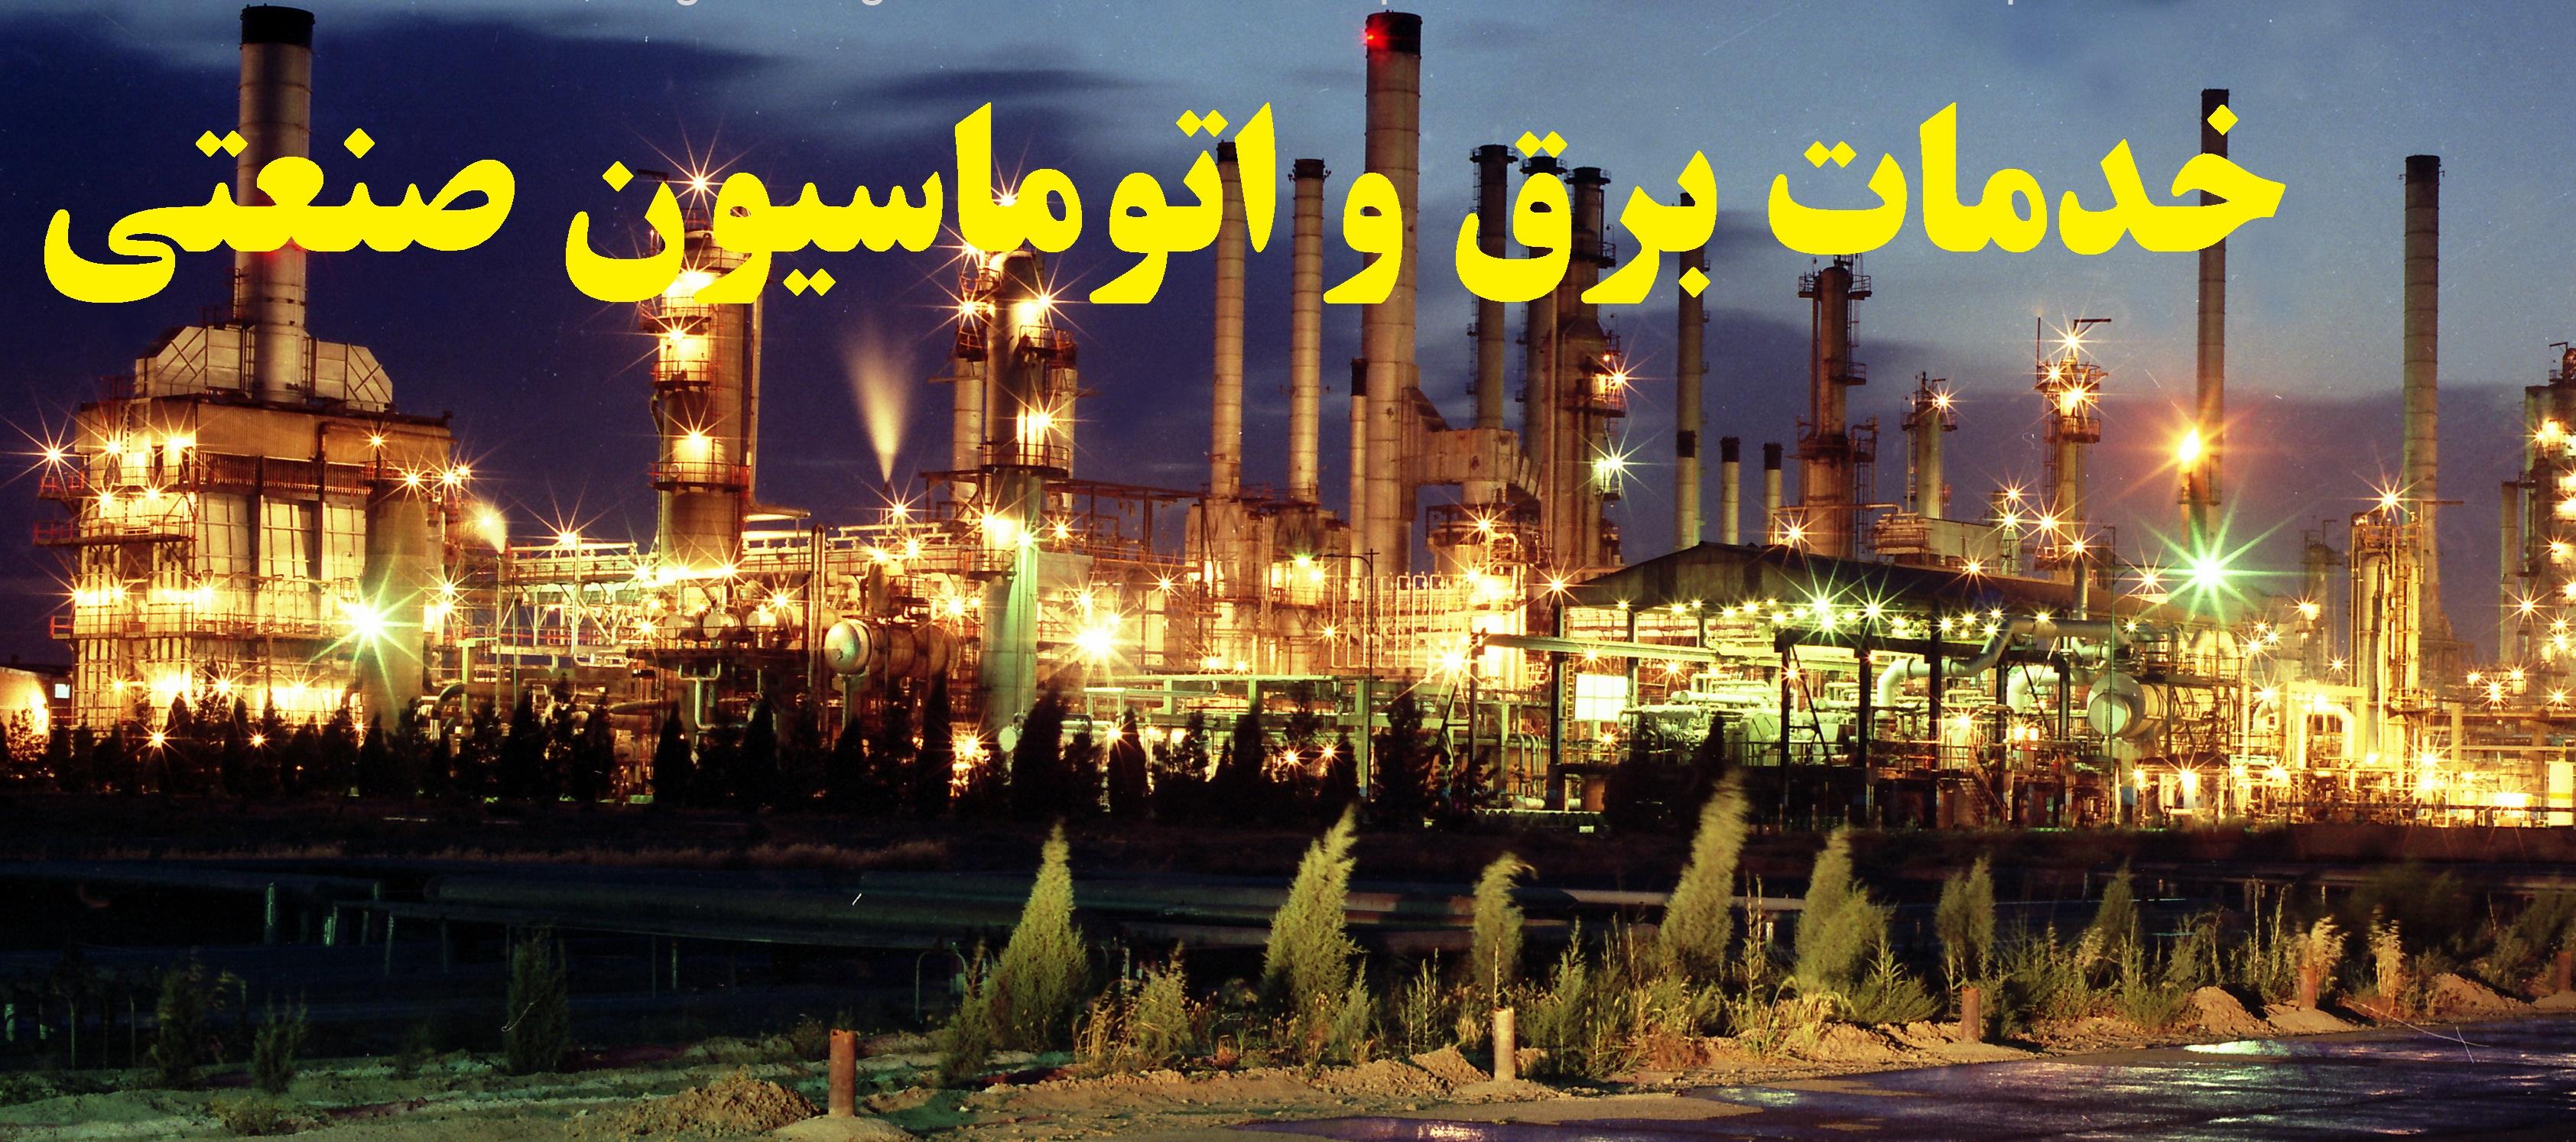 اصلاح و بازسازی تابلو برق کارخانه شهرک صنعتی اشتهارد